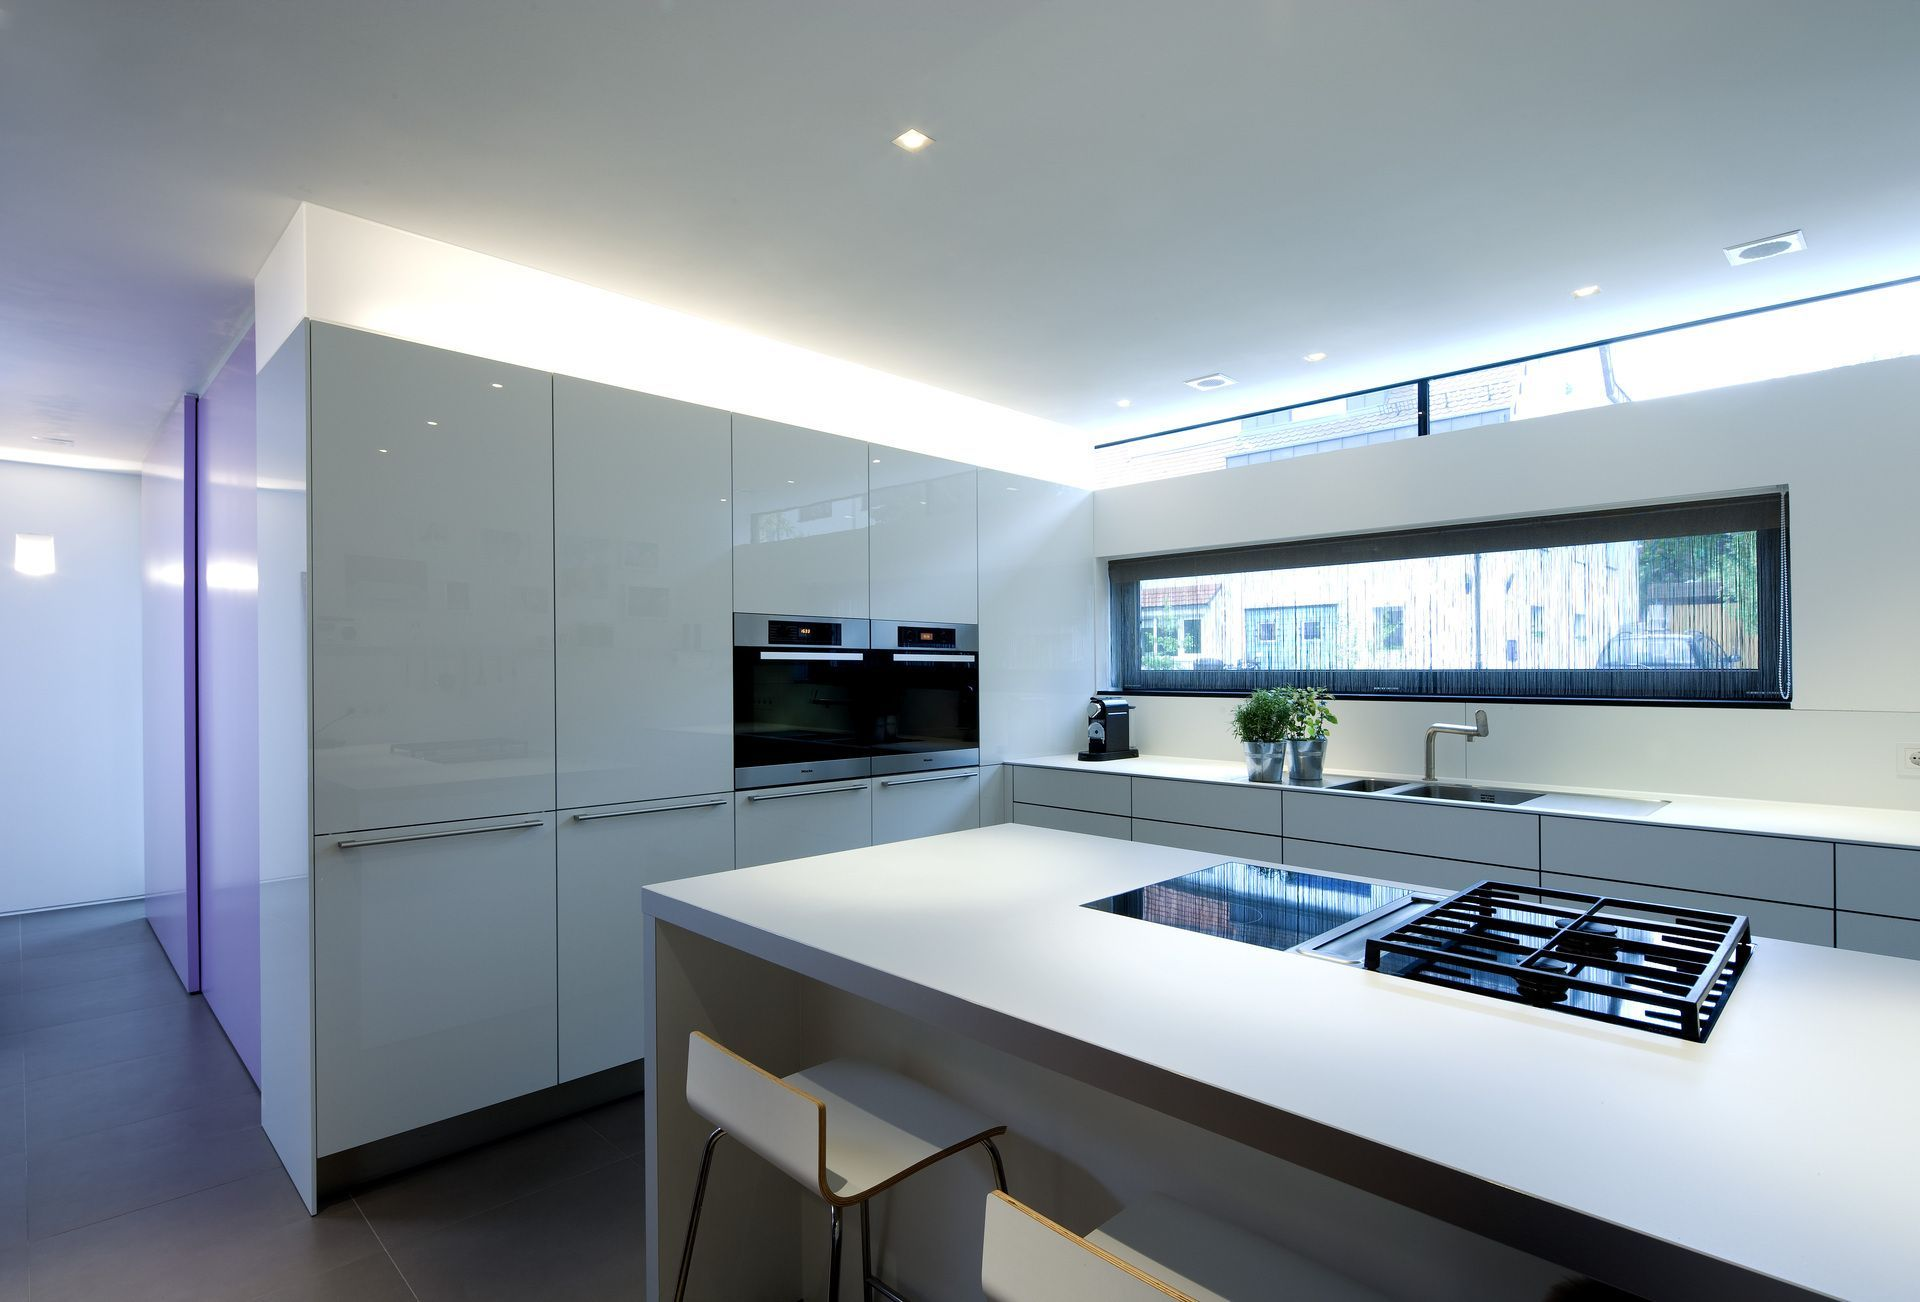 Häufig Weiße Küche mit Lichtband | house | Lichtband, Küche und Küche fenster XV53